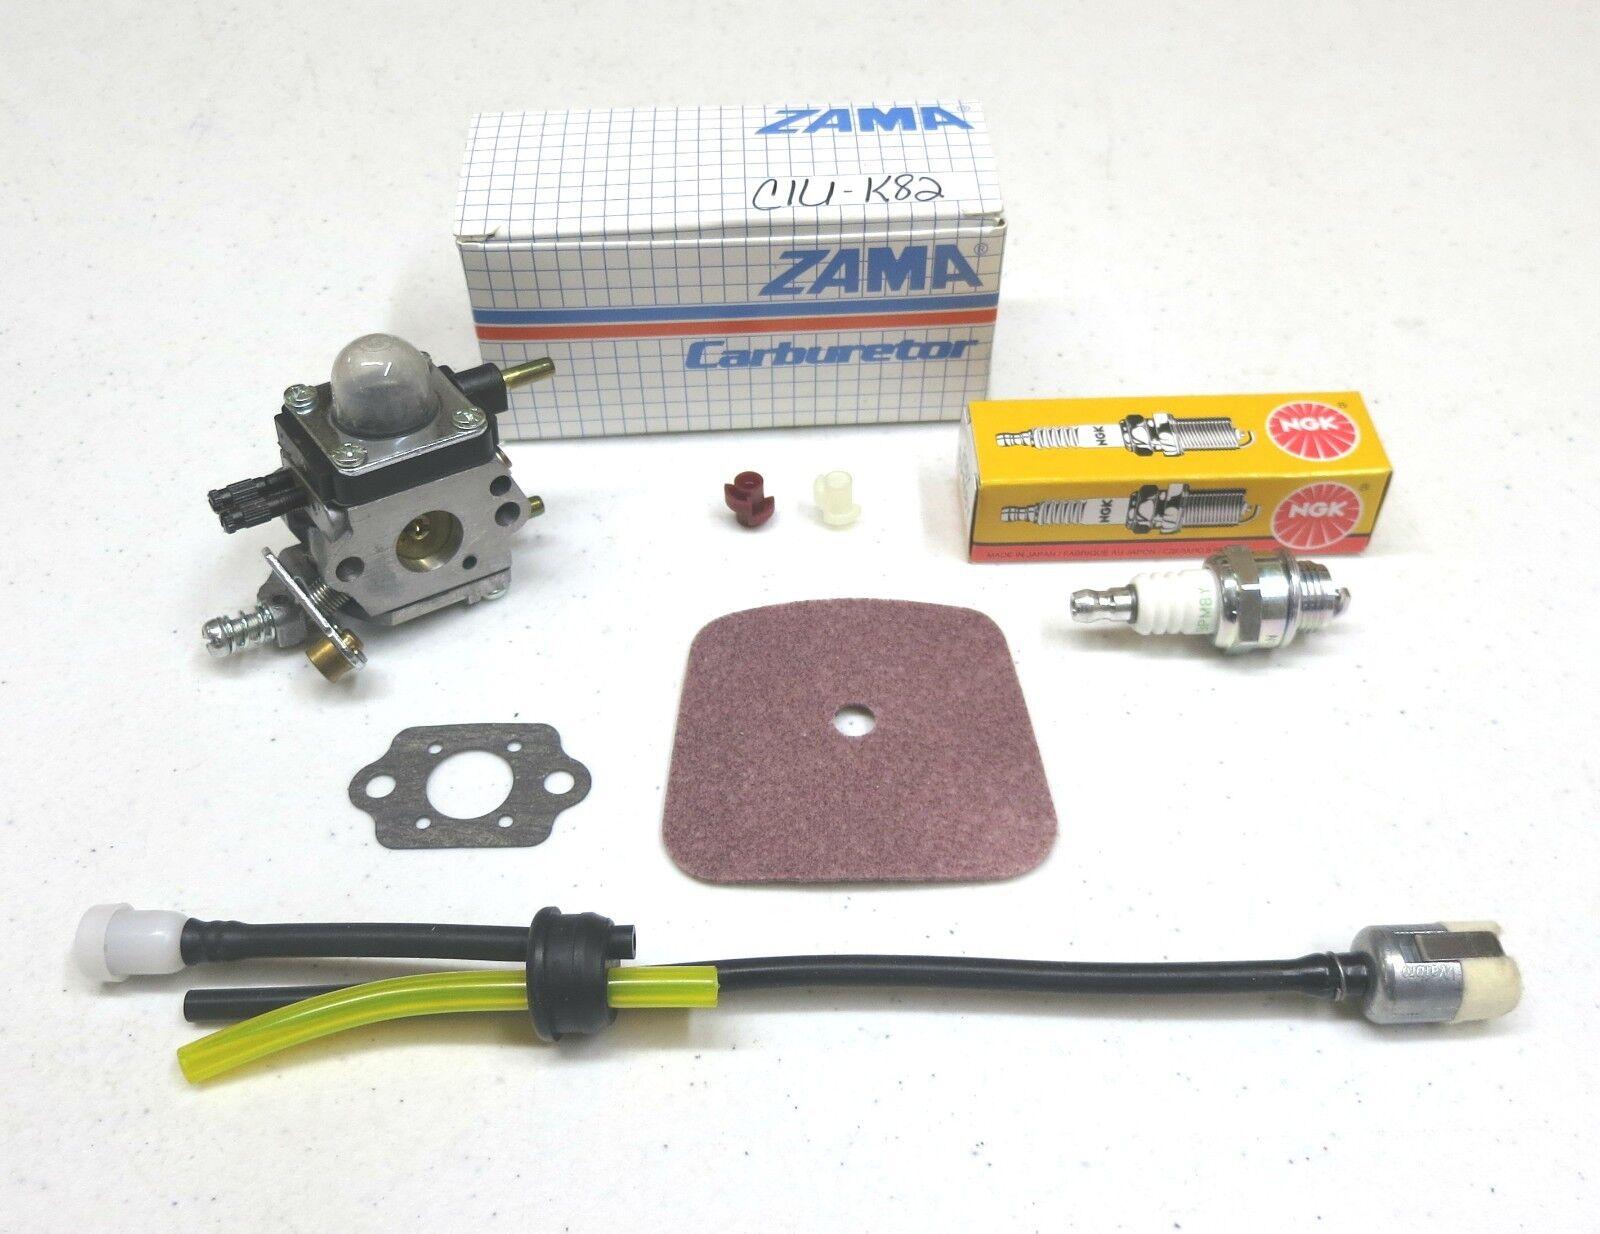 Oem Mantis Servicio   Kit De Mantenimiento Cocheburador Cocheb línea de combustible Kit Filtro De Aire Sp